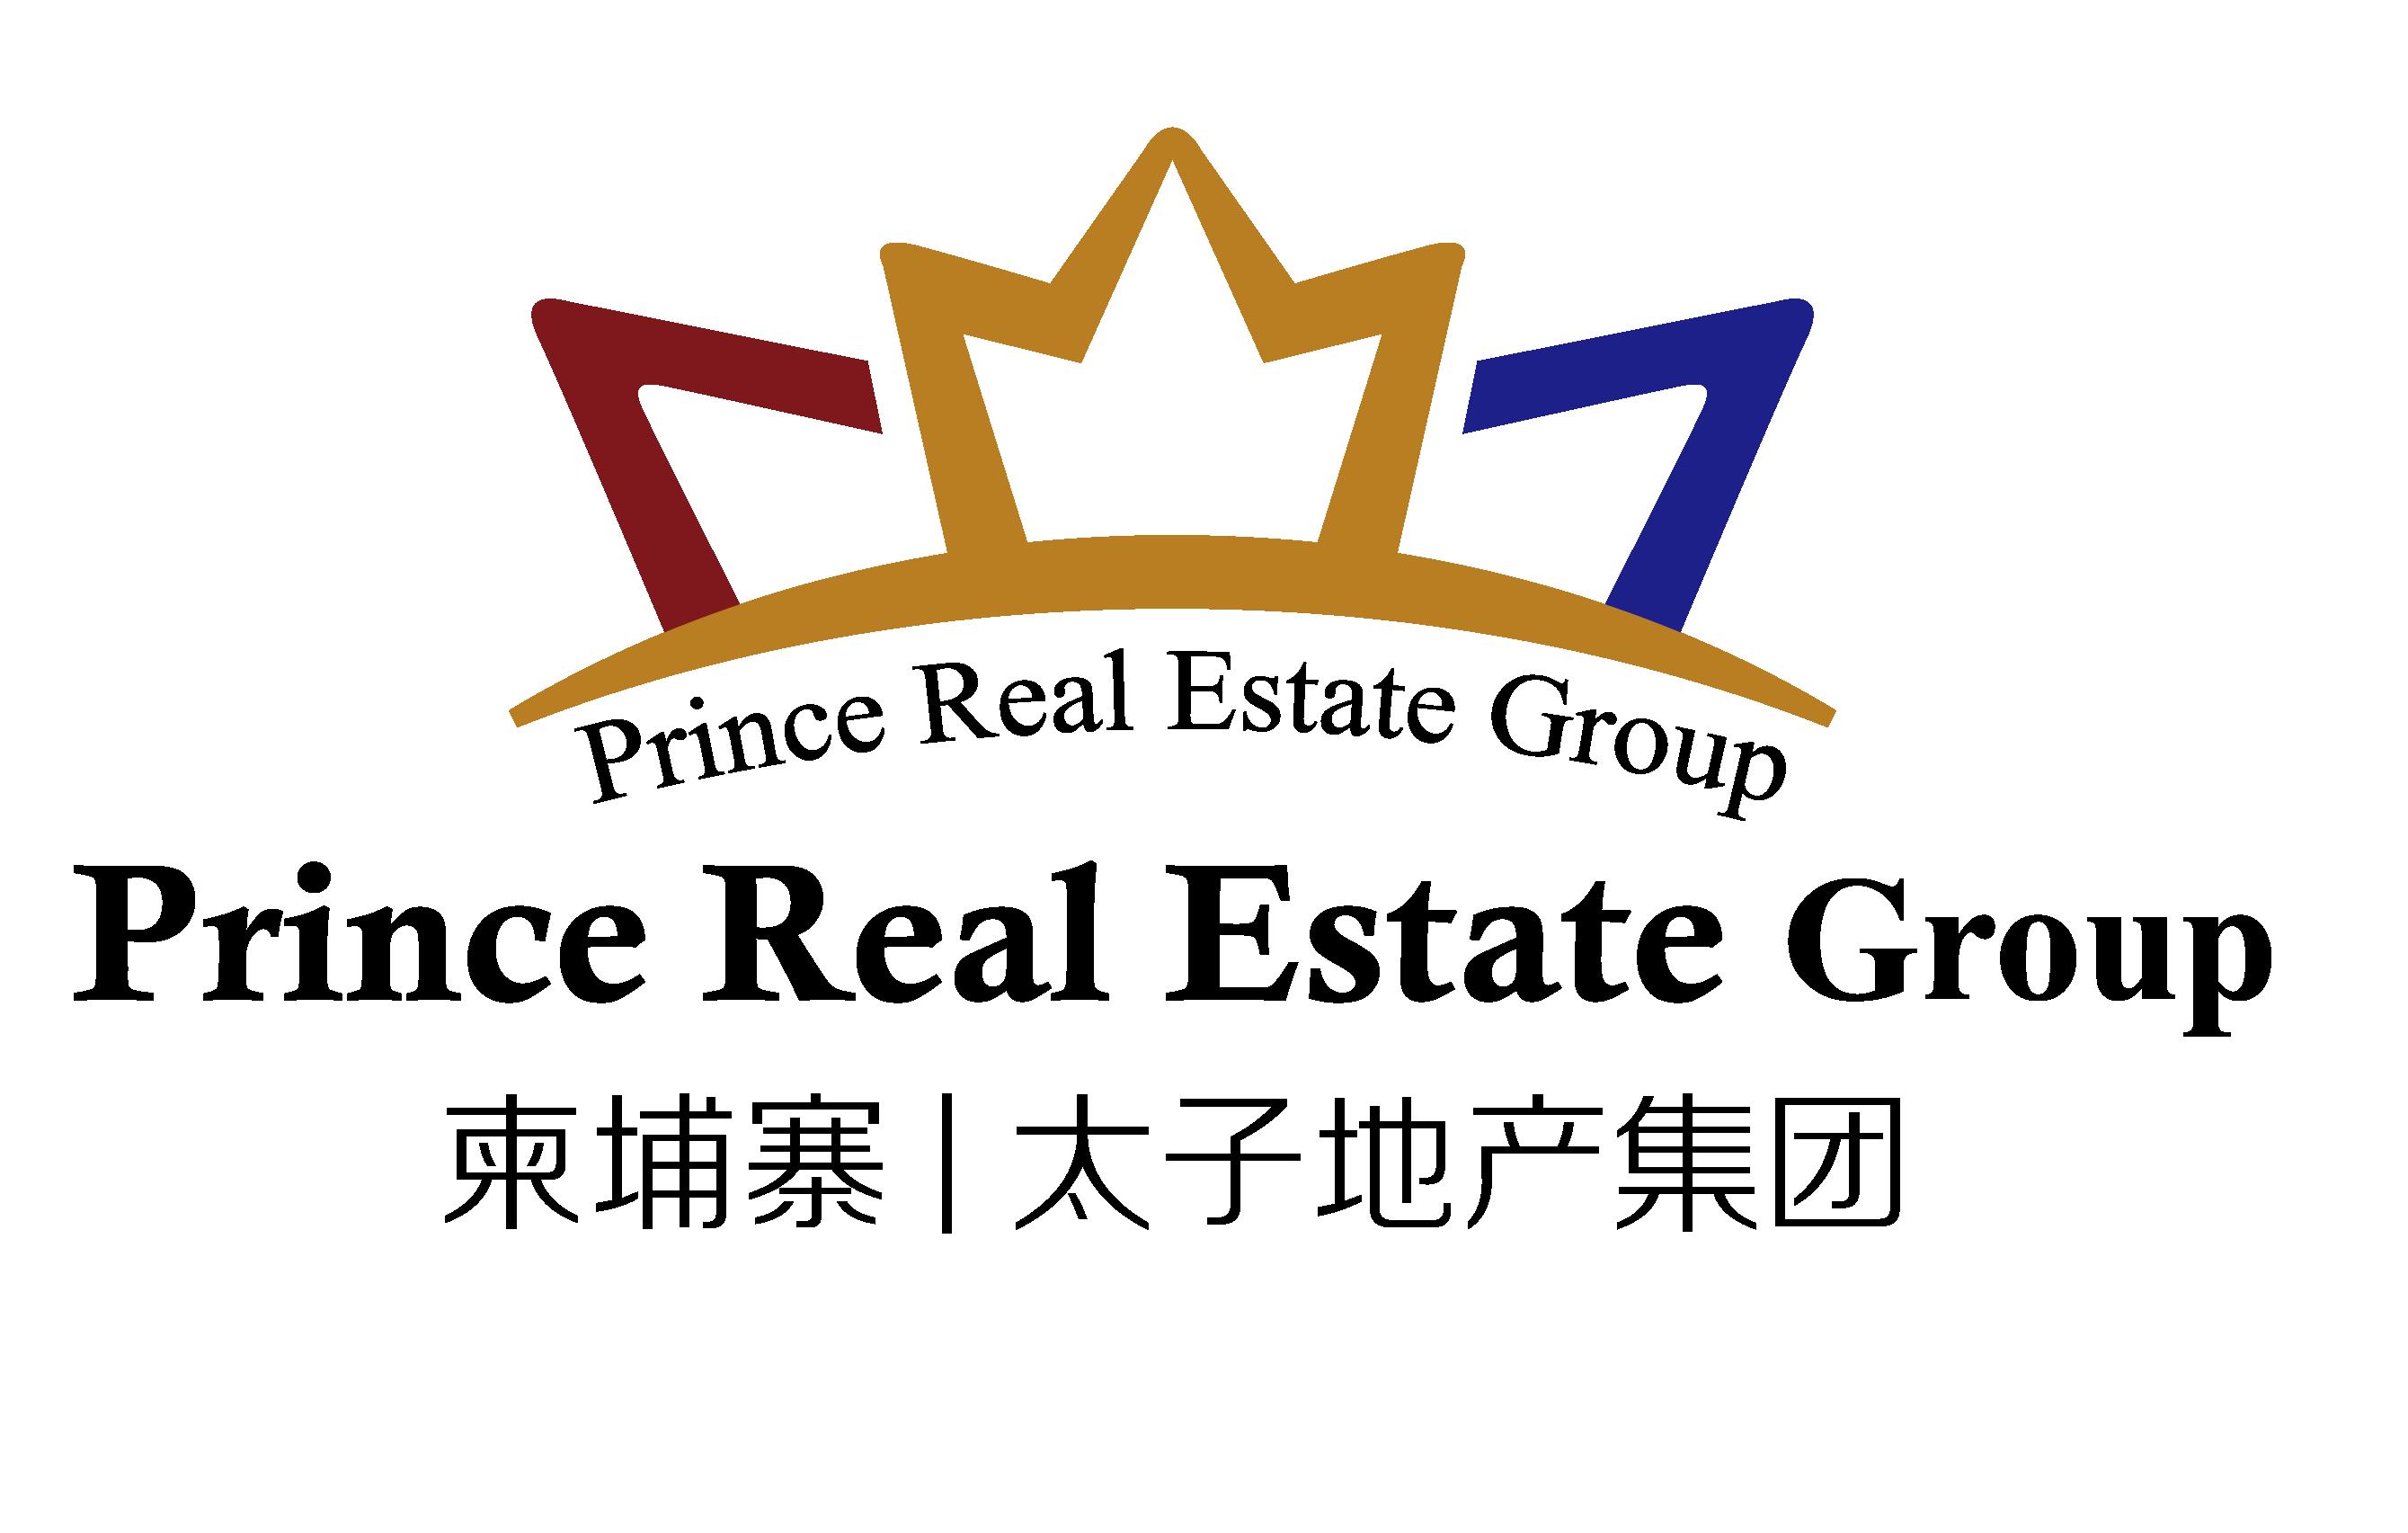 太子地产集团(Prince Real Estate Group)柬埔寨房地产开发商